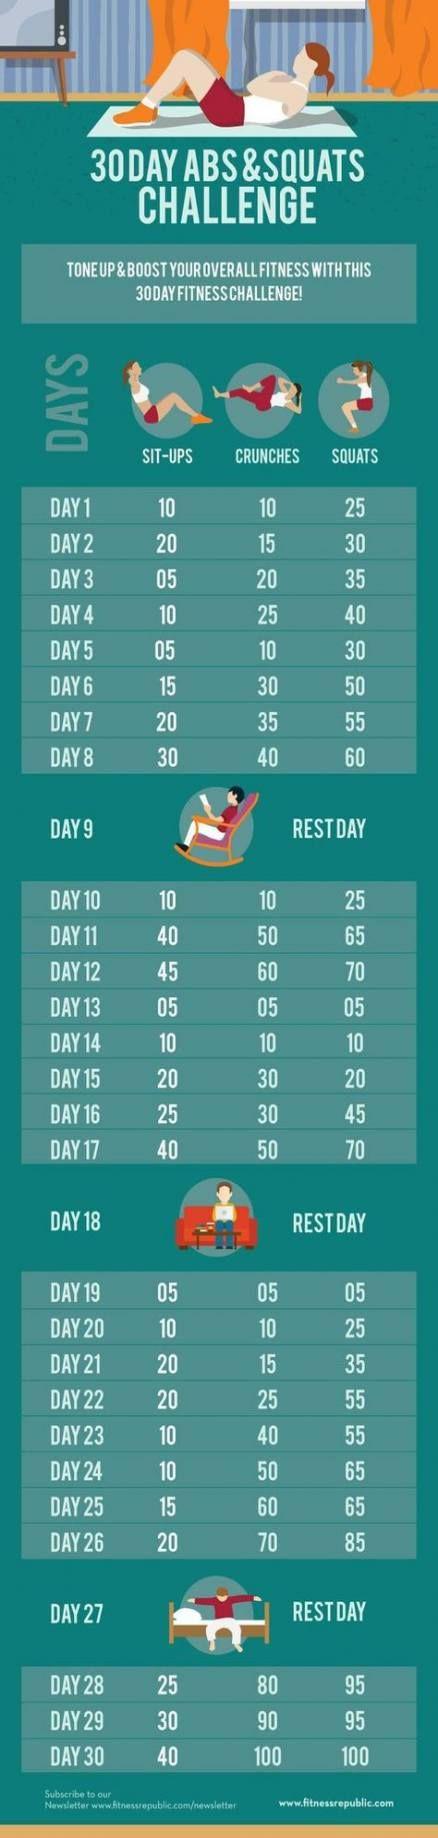 Fitness motivacin goals muscle 69 Super Ideas #fitness